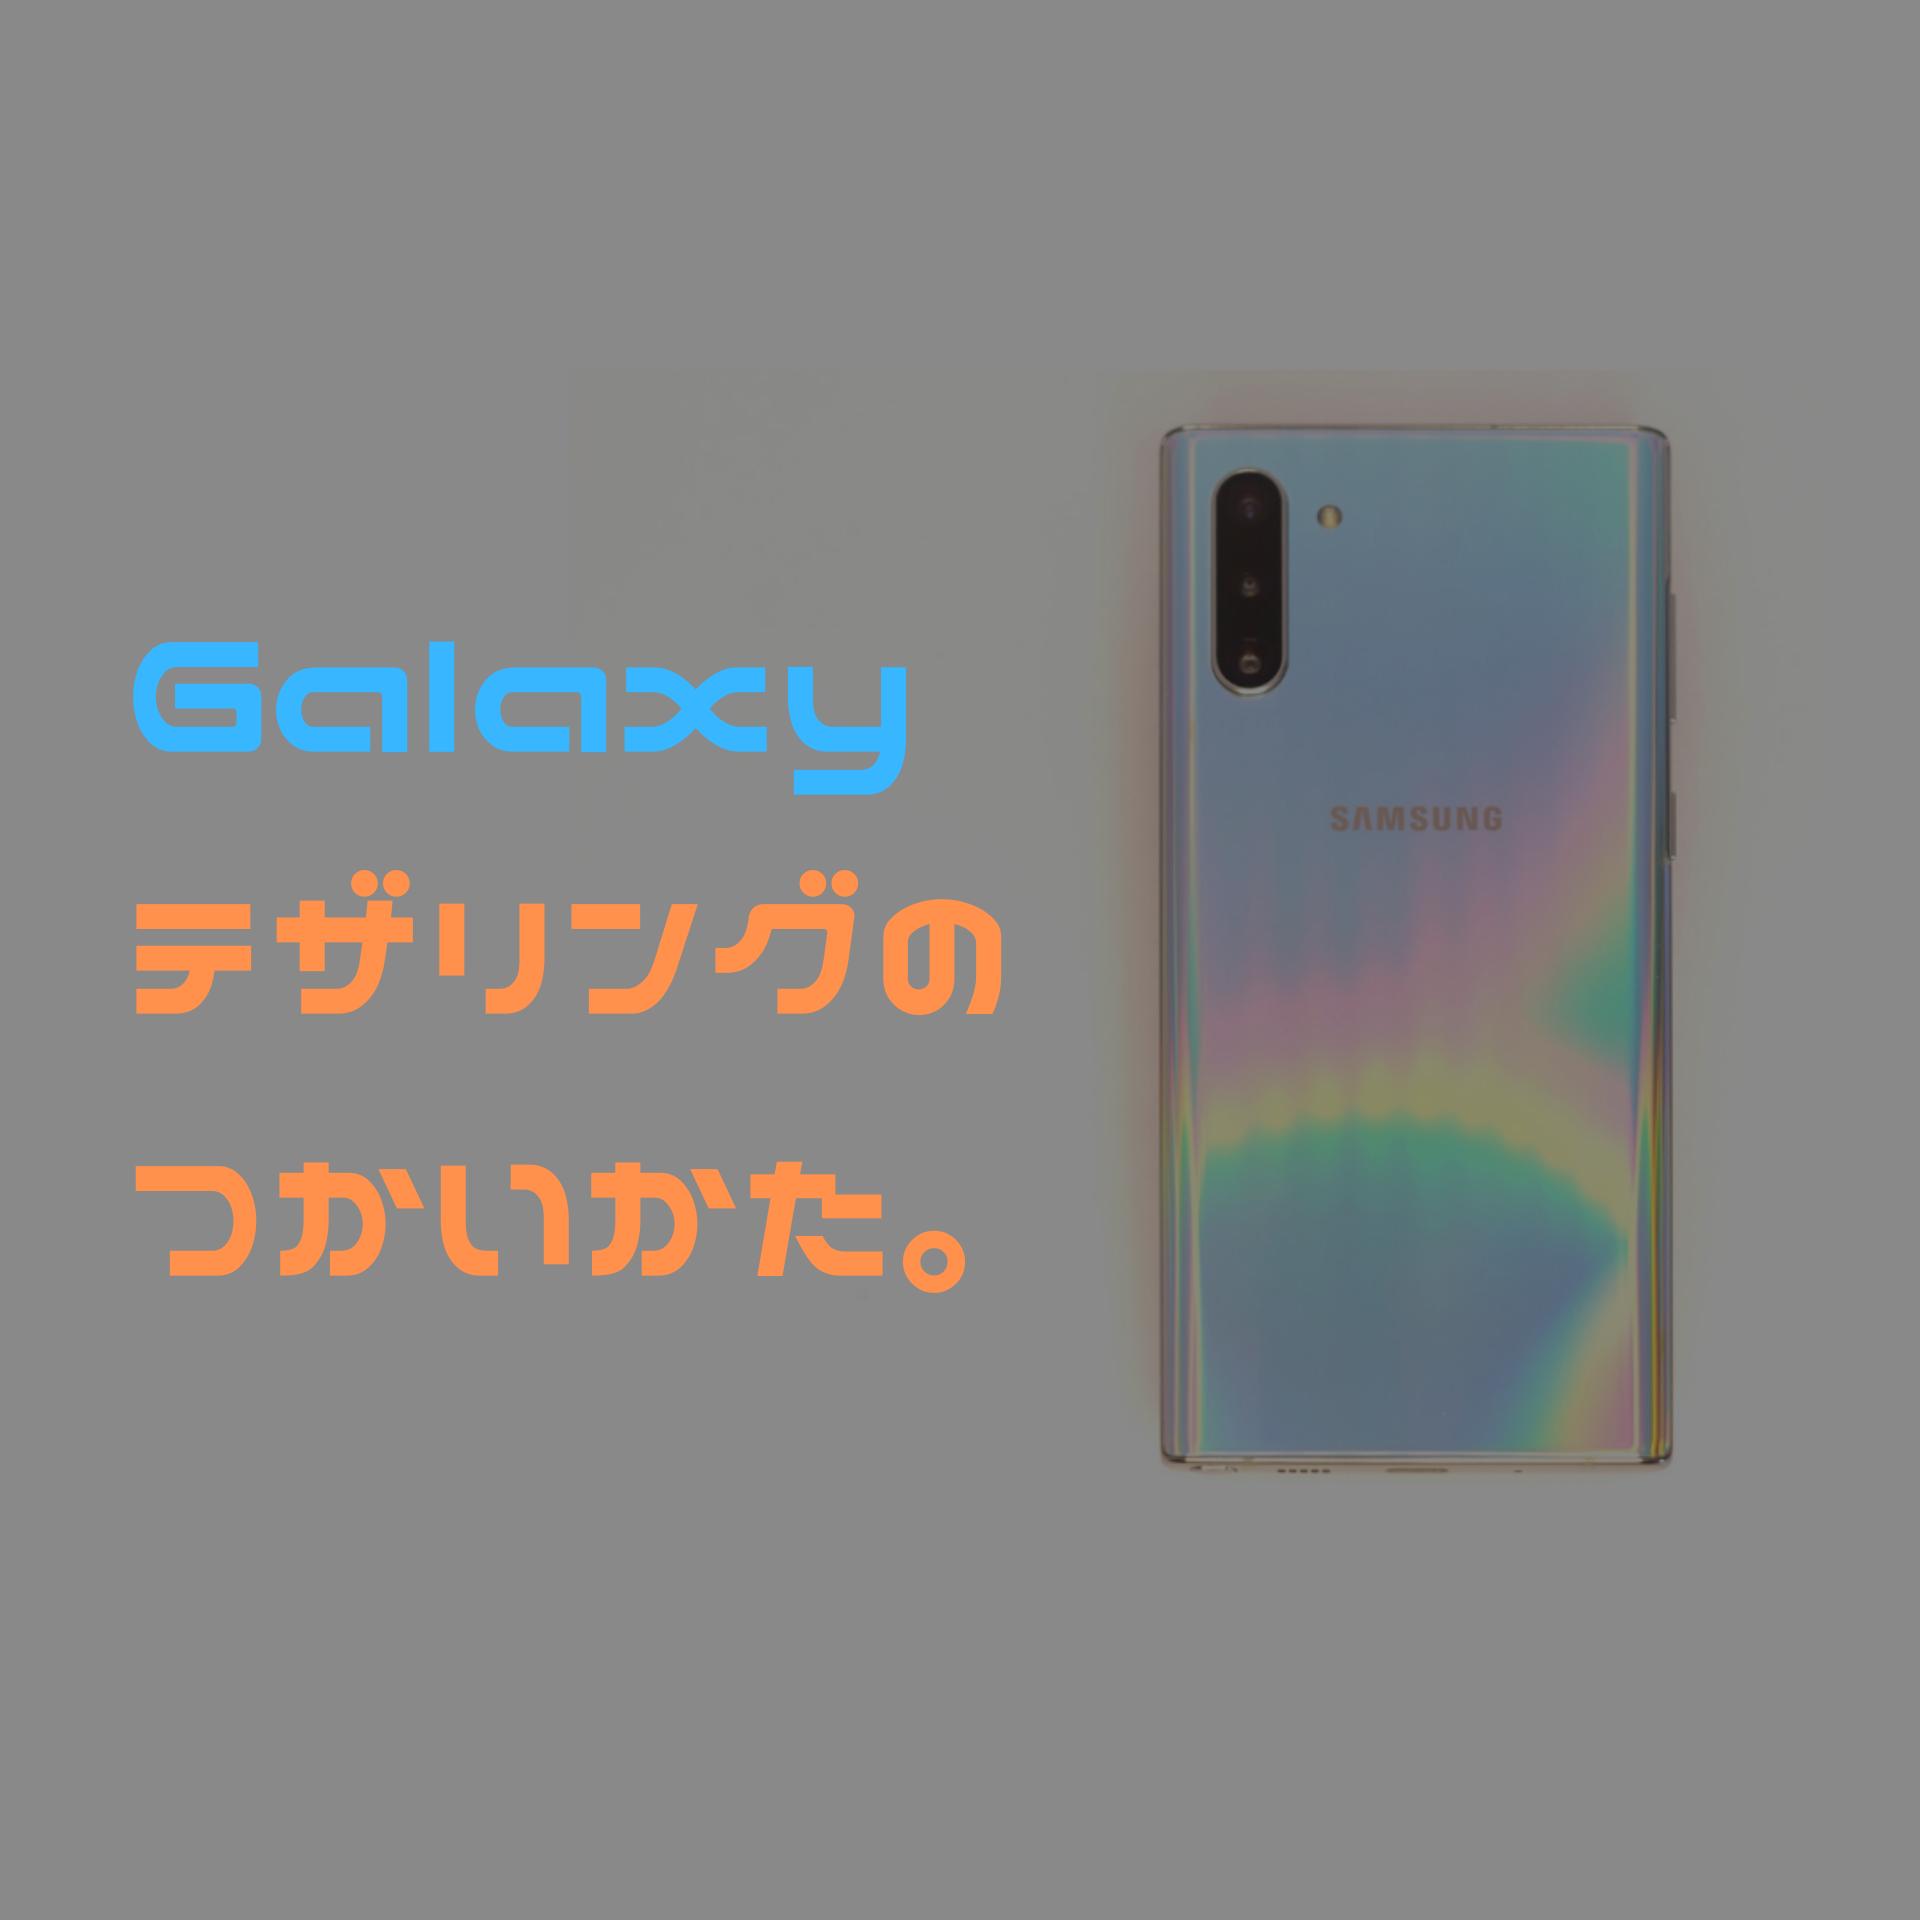 【Galaxy】Wi-Fiテザリングの使用方法